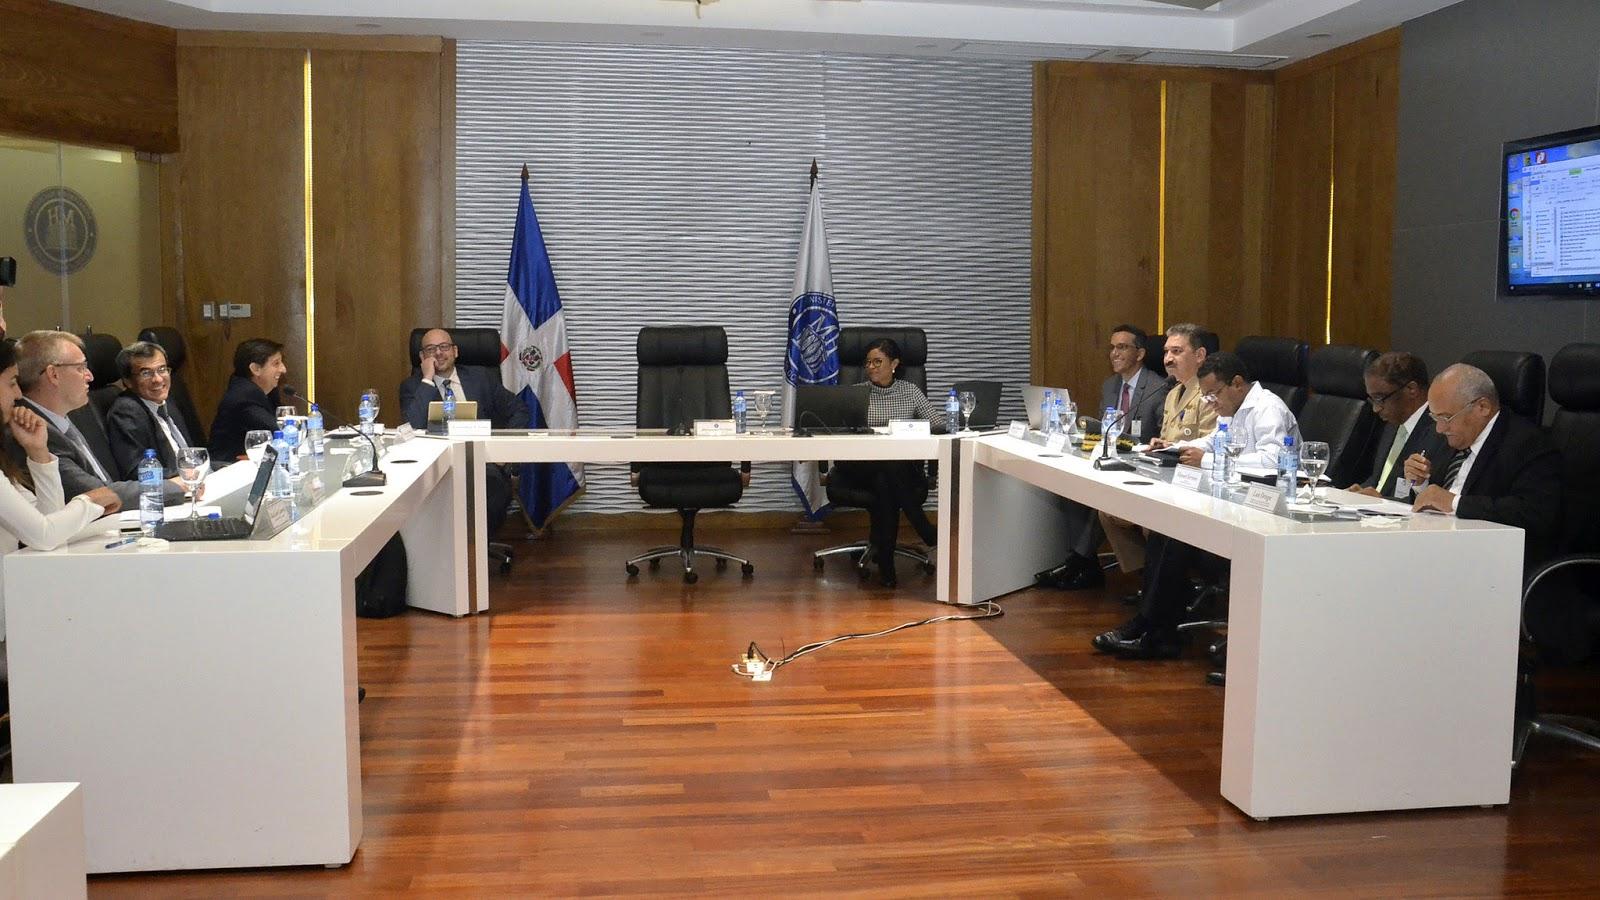 Gobierno y BID evalúan proyectos Agroforestales; rinden informe favorable